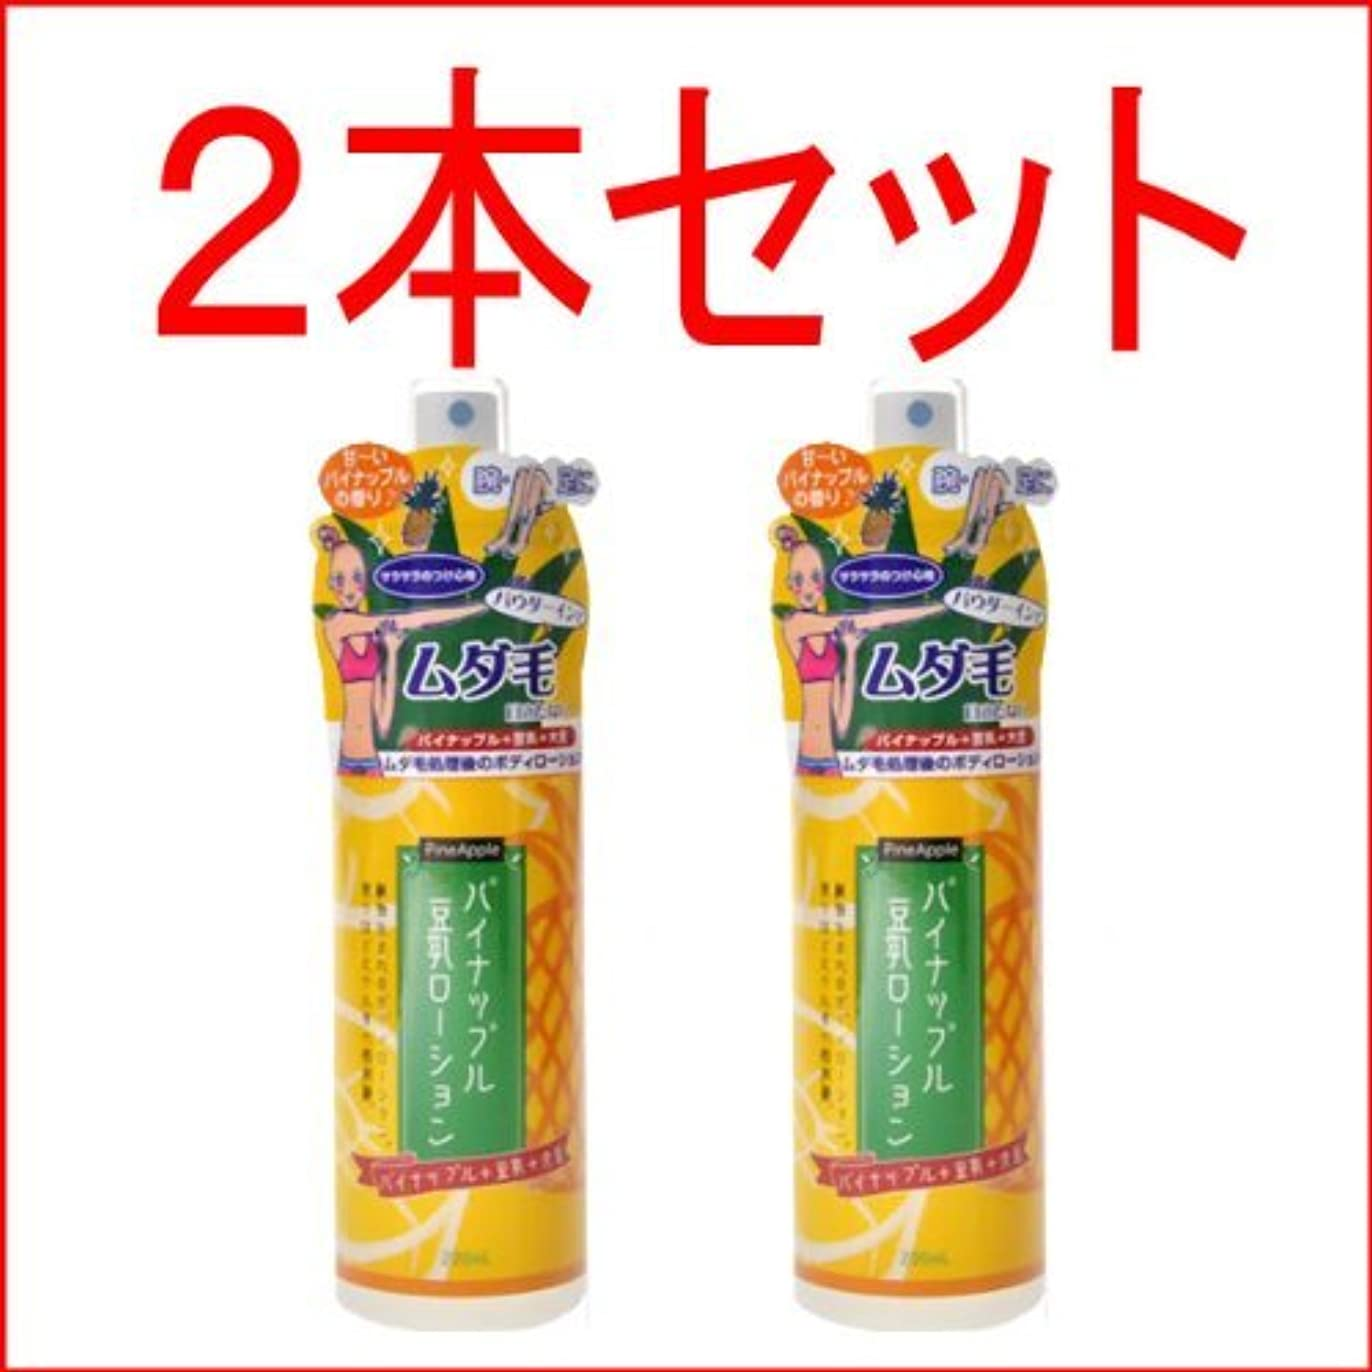 仕方垂直カビパイナップル豆乳ローション2本セット【ムダ毛処理後専用ボディーローション】